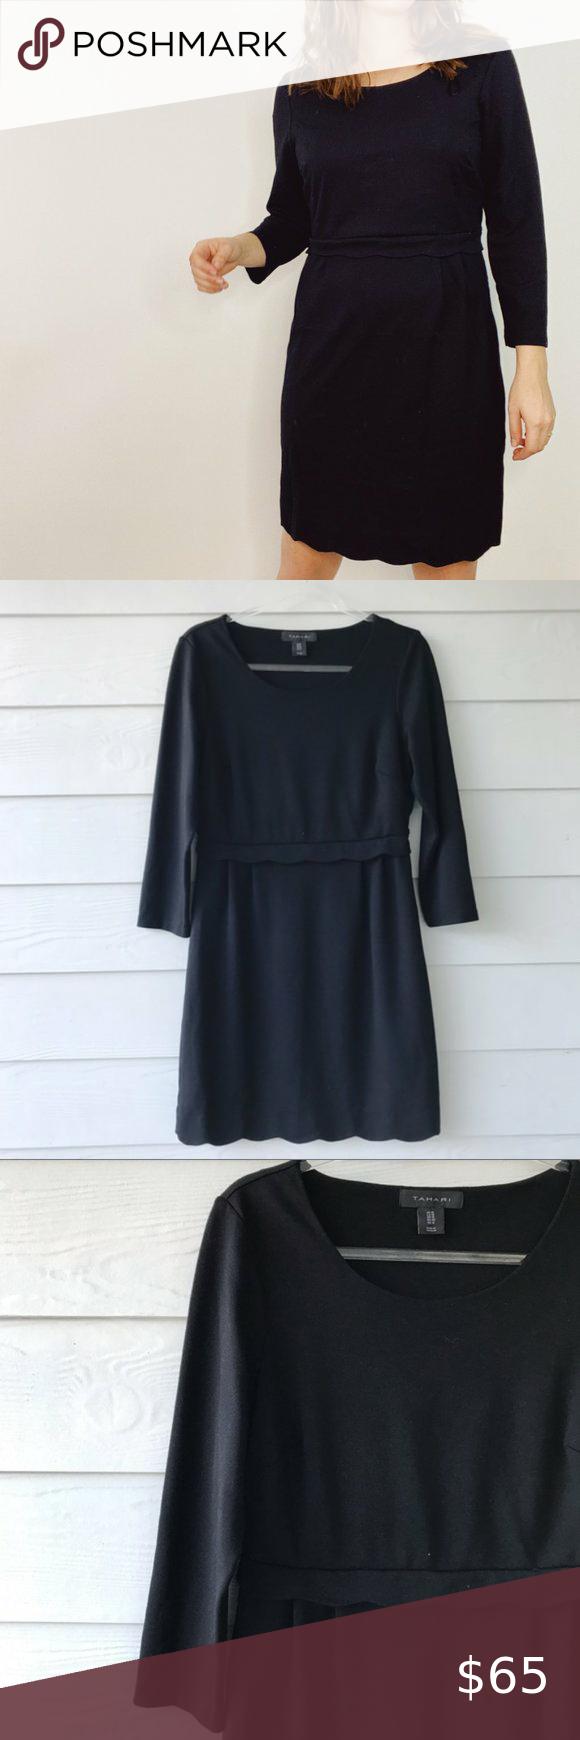 Tahari Black Scallop Waist Dress 3 4 Sleeve Tahari Black Scallop Waist Dress 3 4 Sleeve Size 10 Bust Across Flat 18 Waist Dress Clothes Design Sleeves [ 1740 x 580 Pixel ]